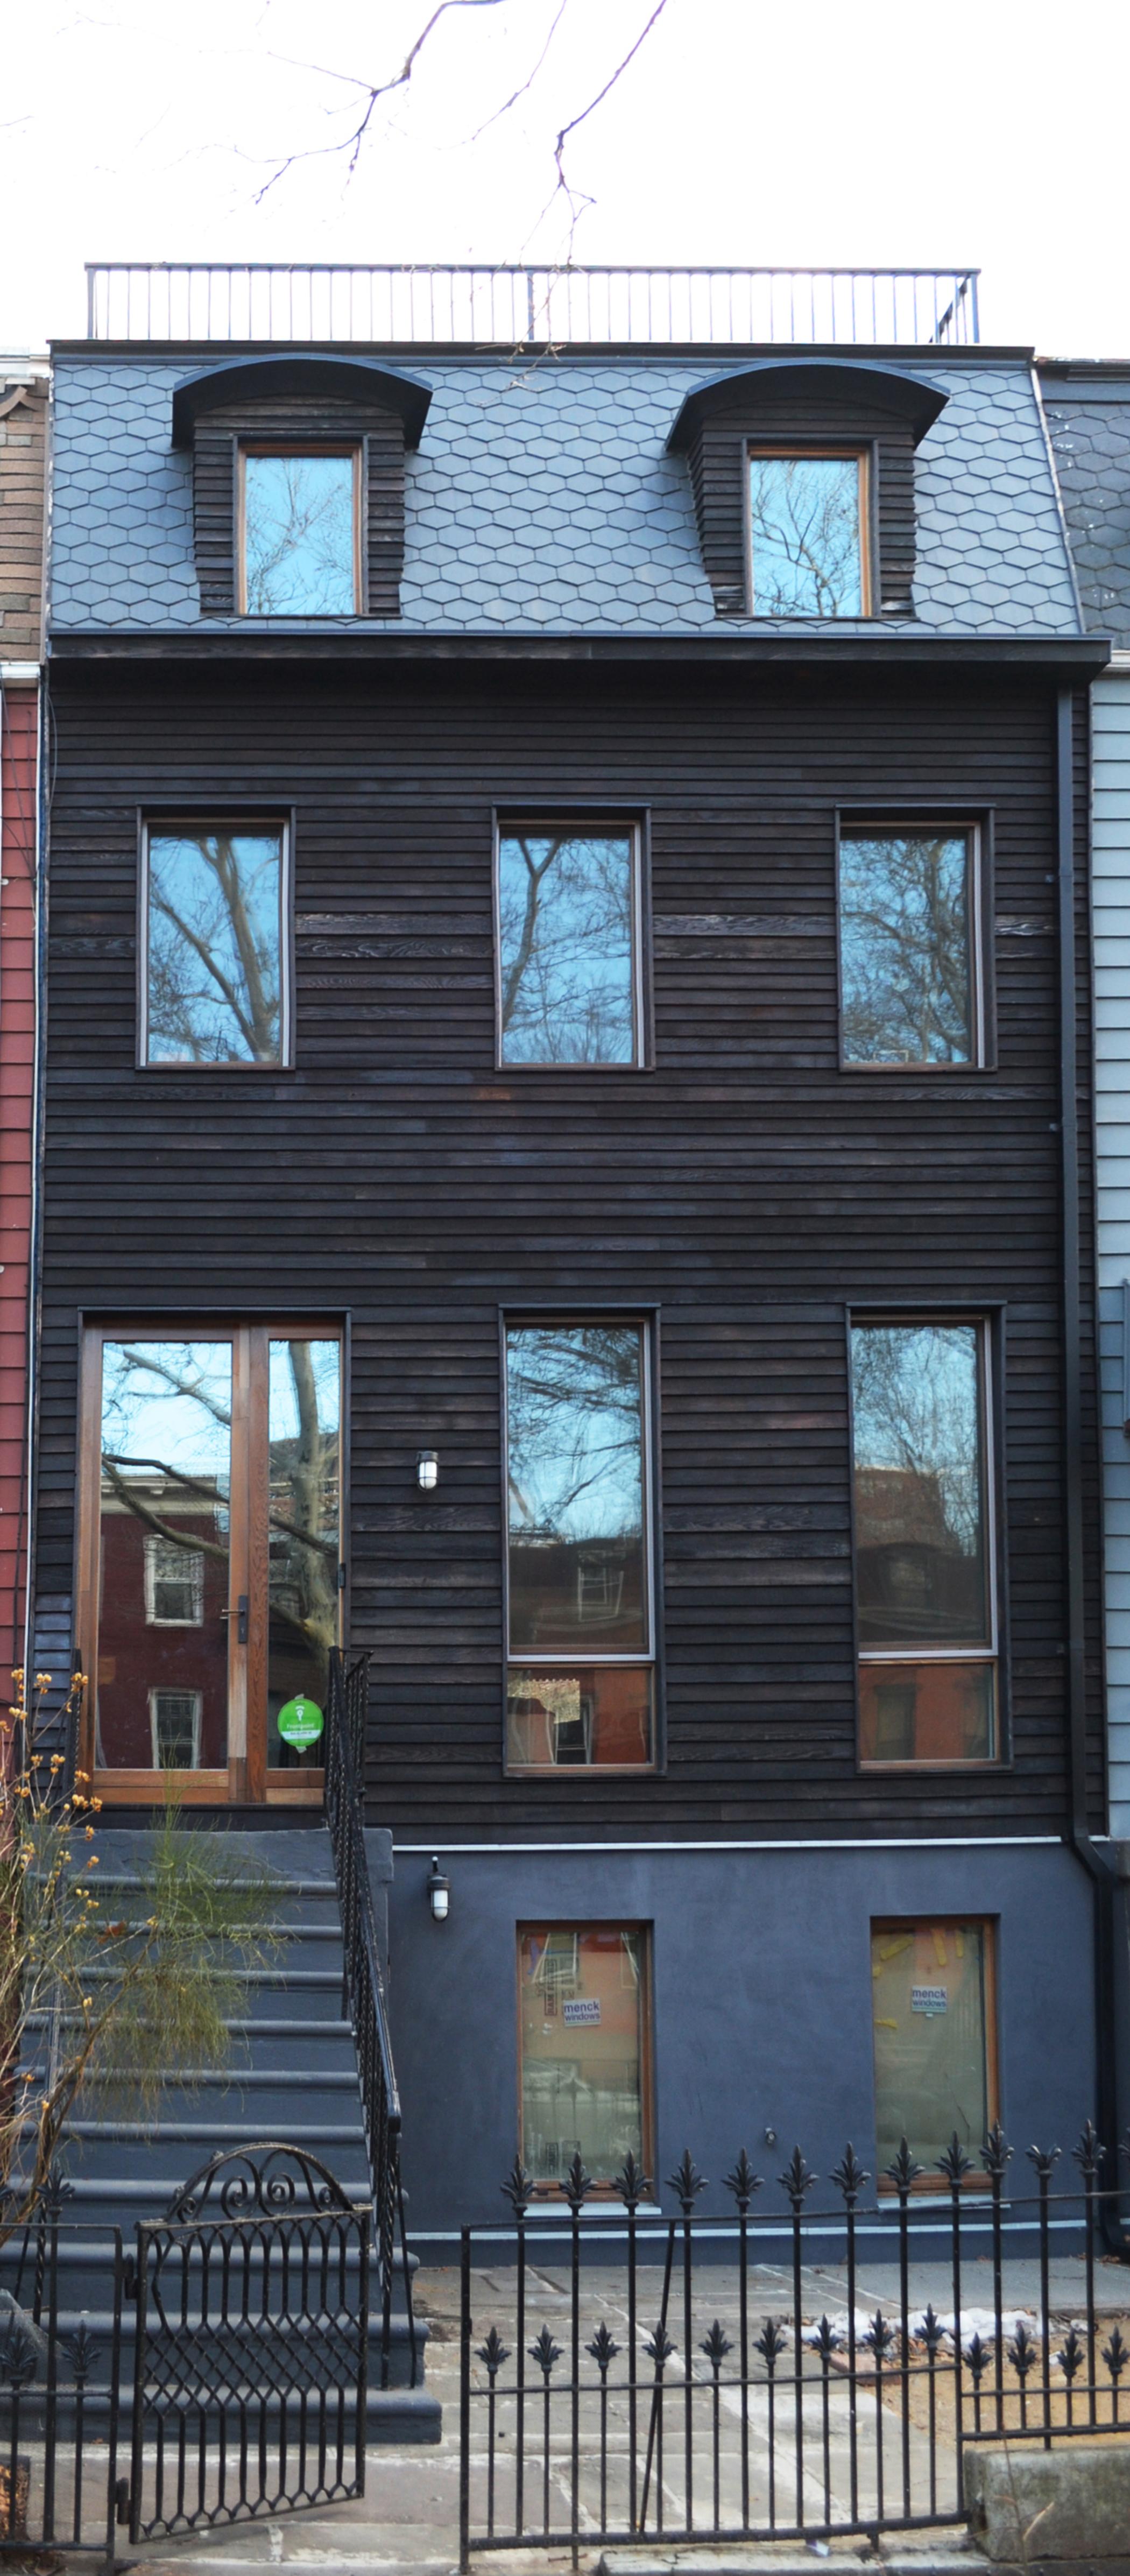 158 Clifton front facade (rehab)